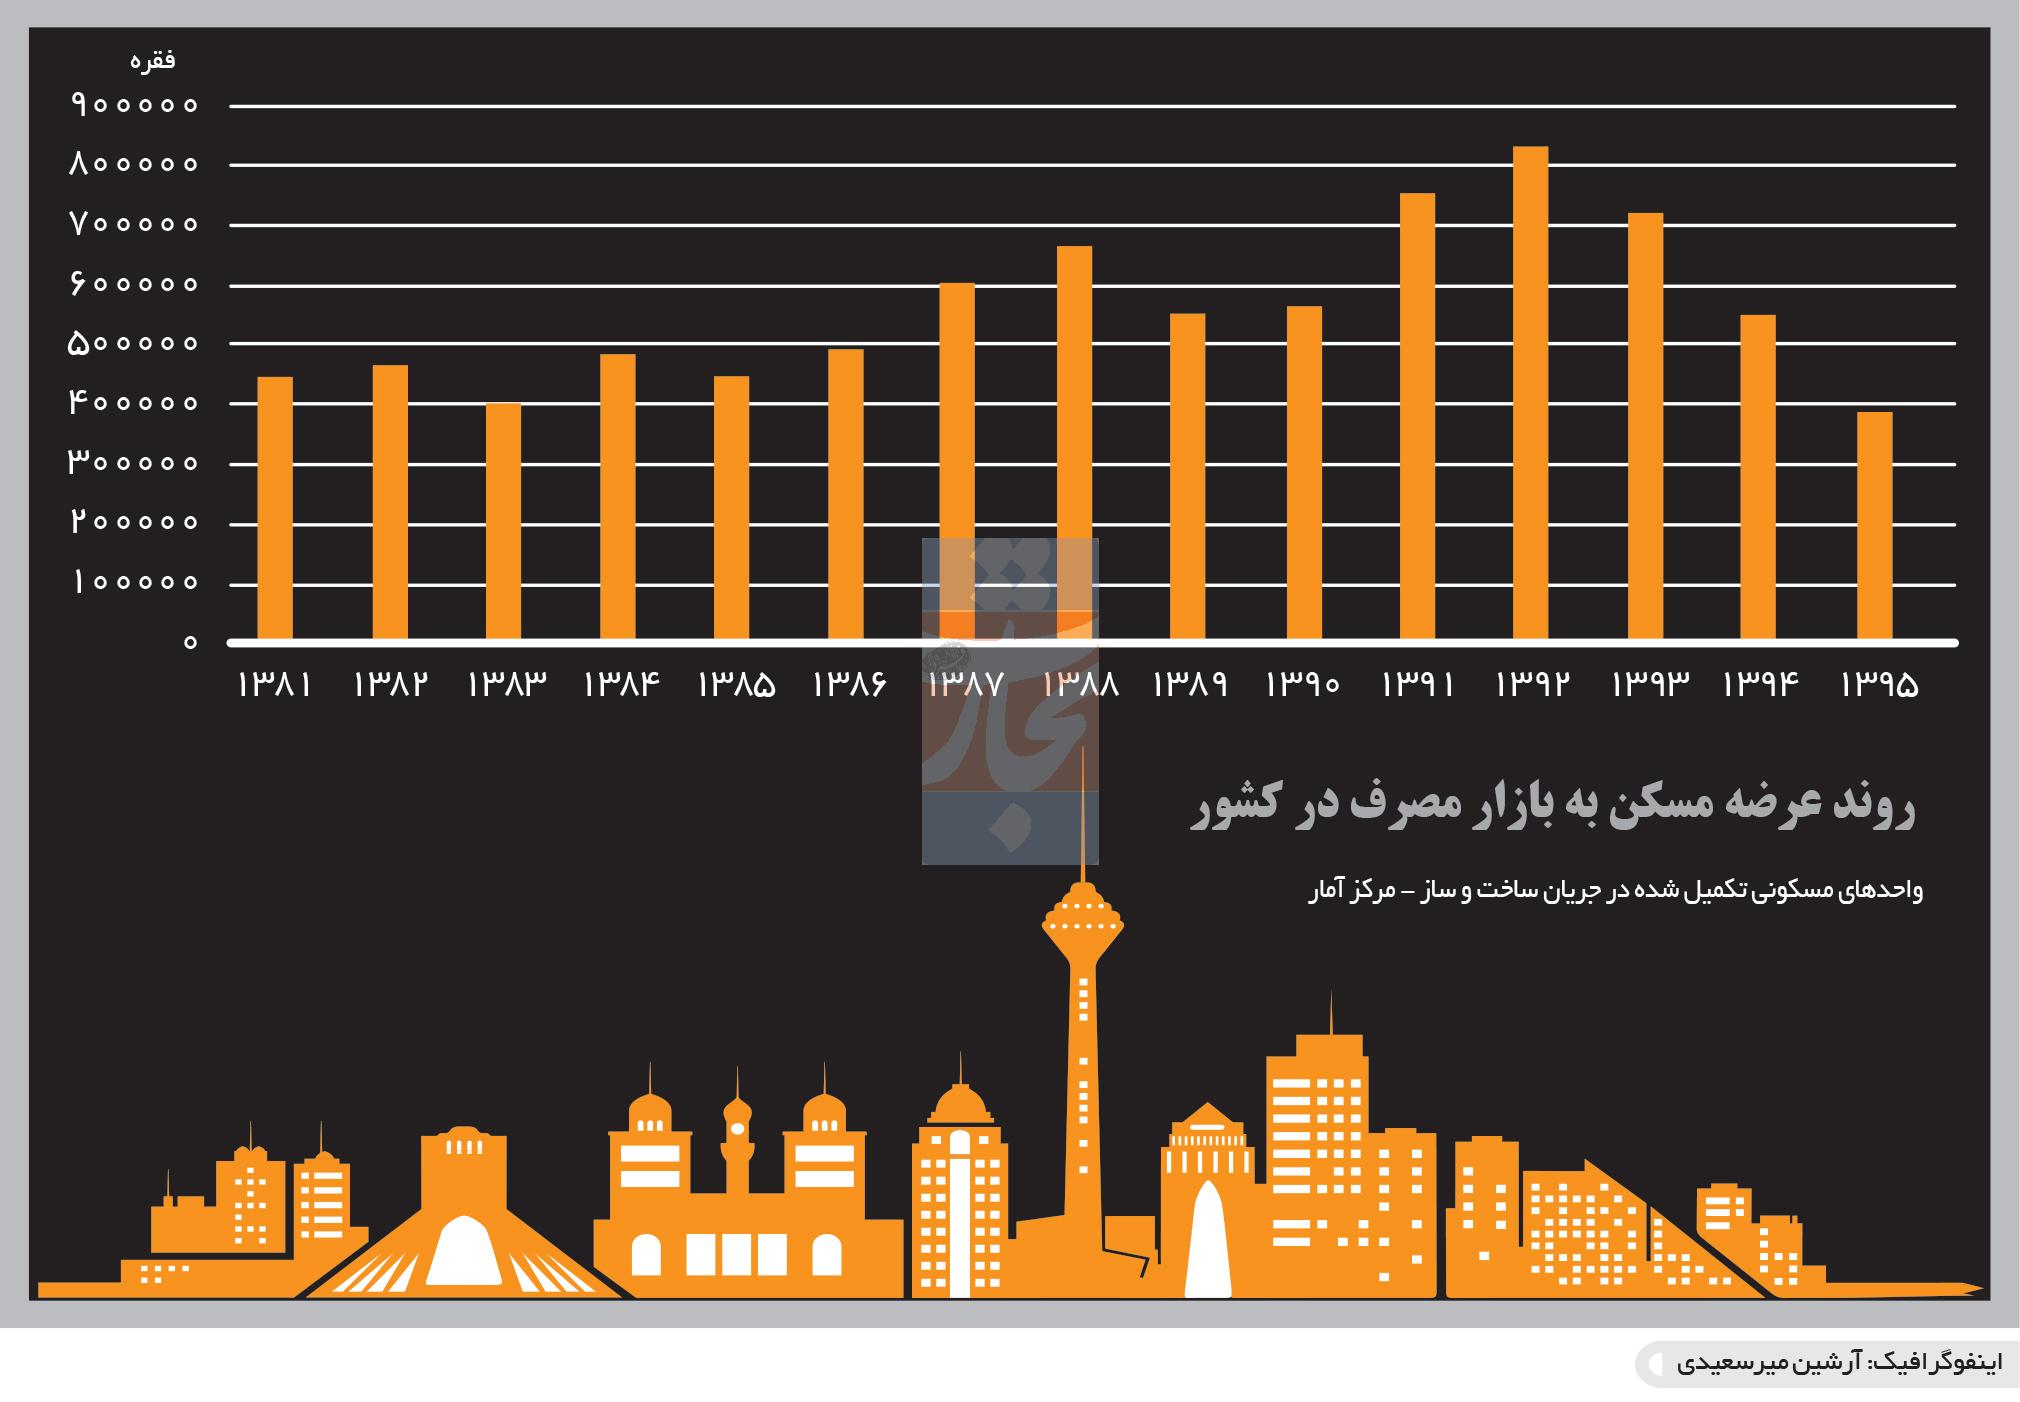 تجارت فردا-  اینفوگرافیک- روند عرضه مسکن به بازار مصرف در کشور